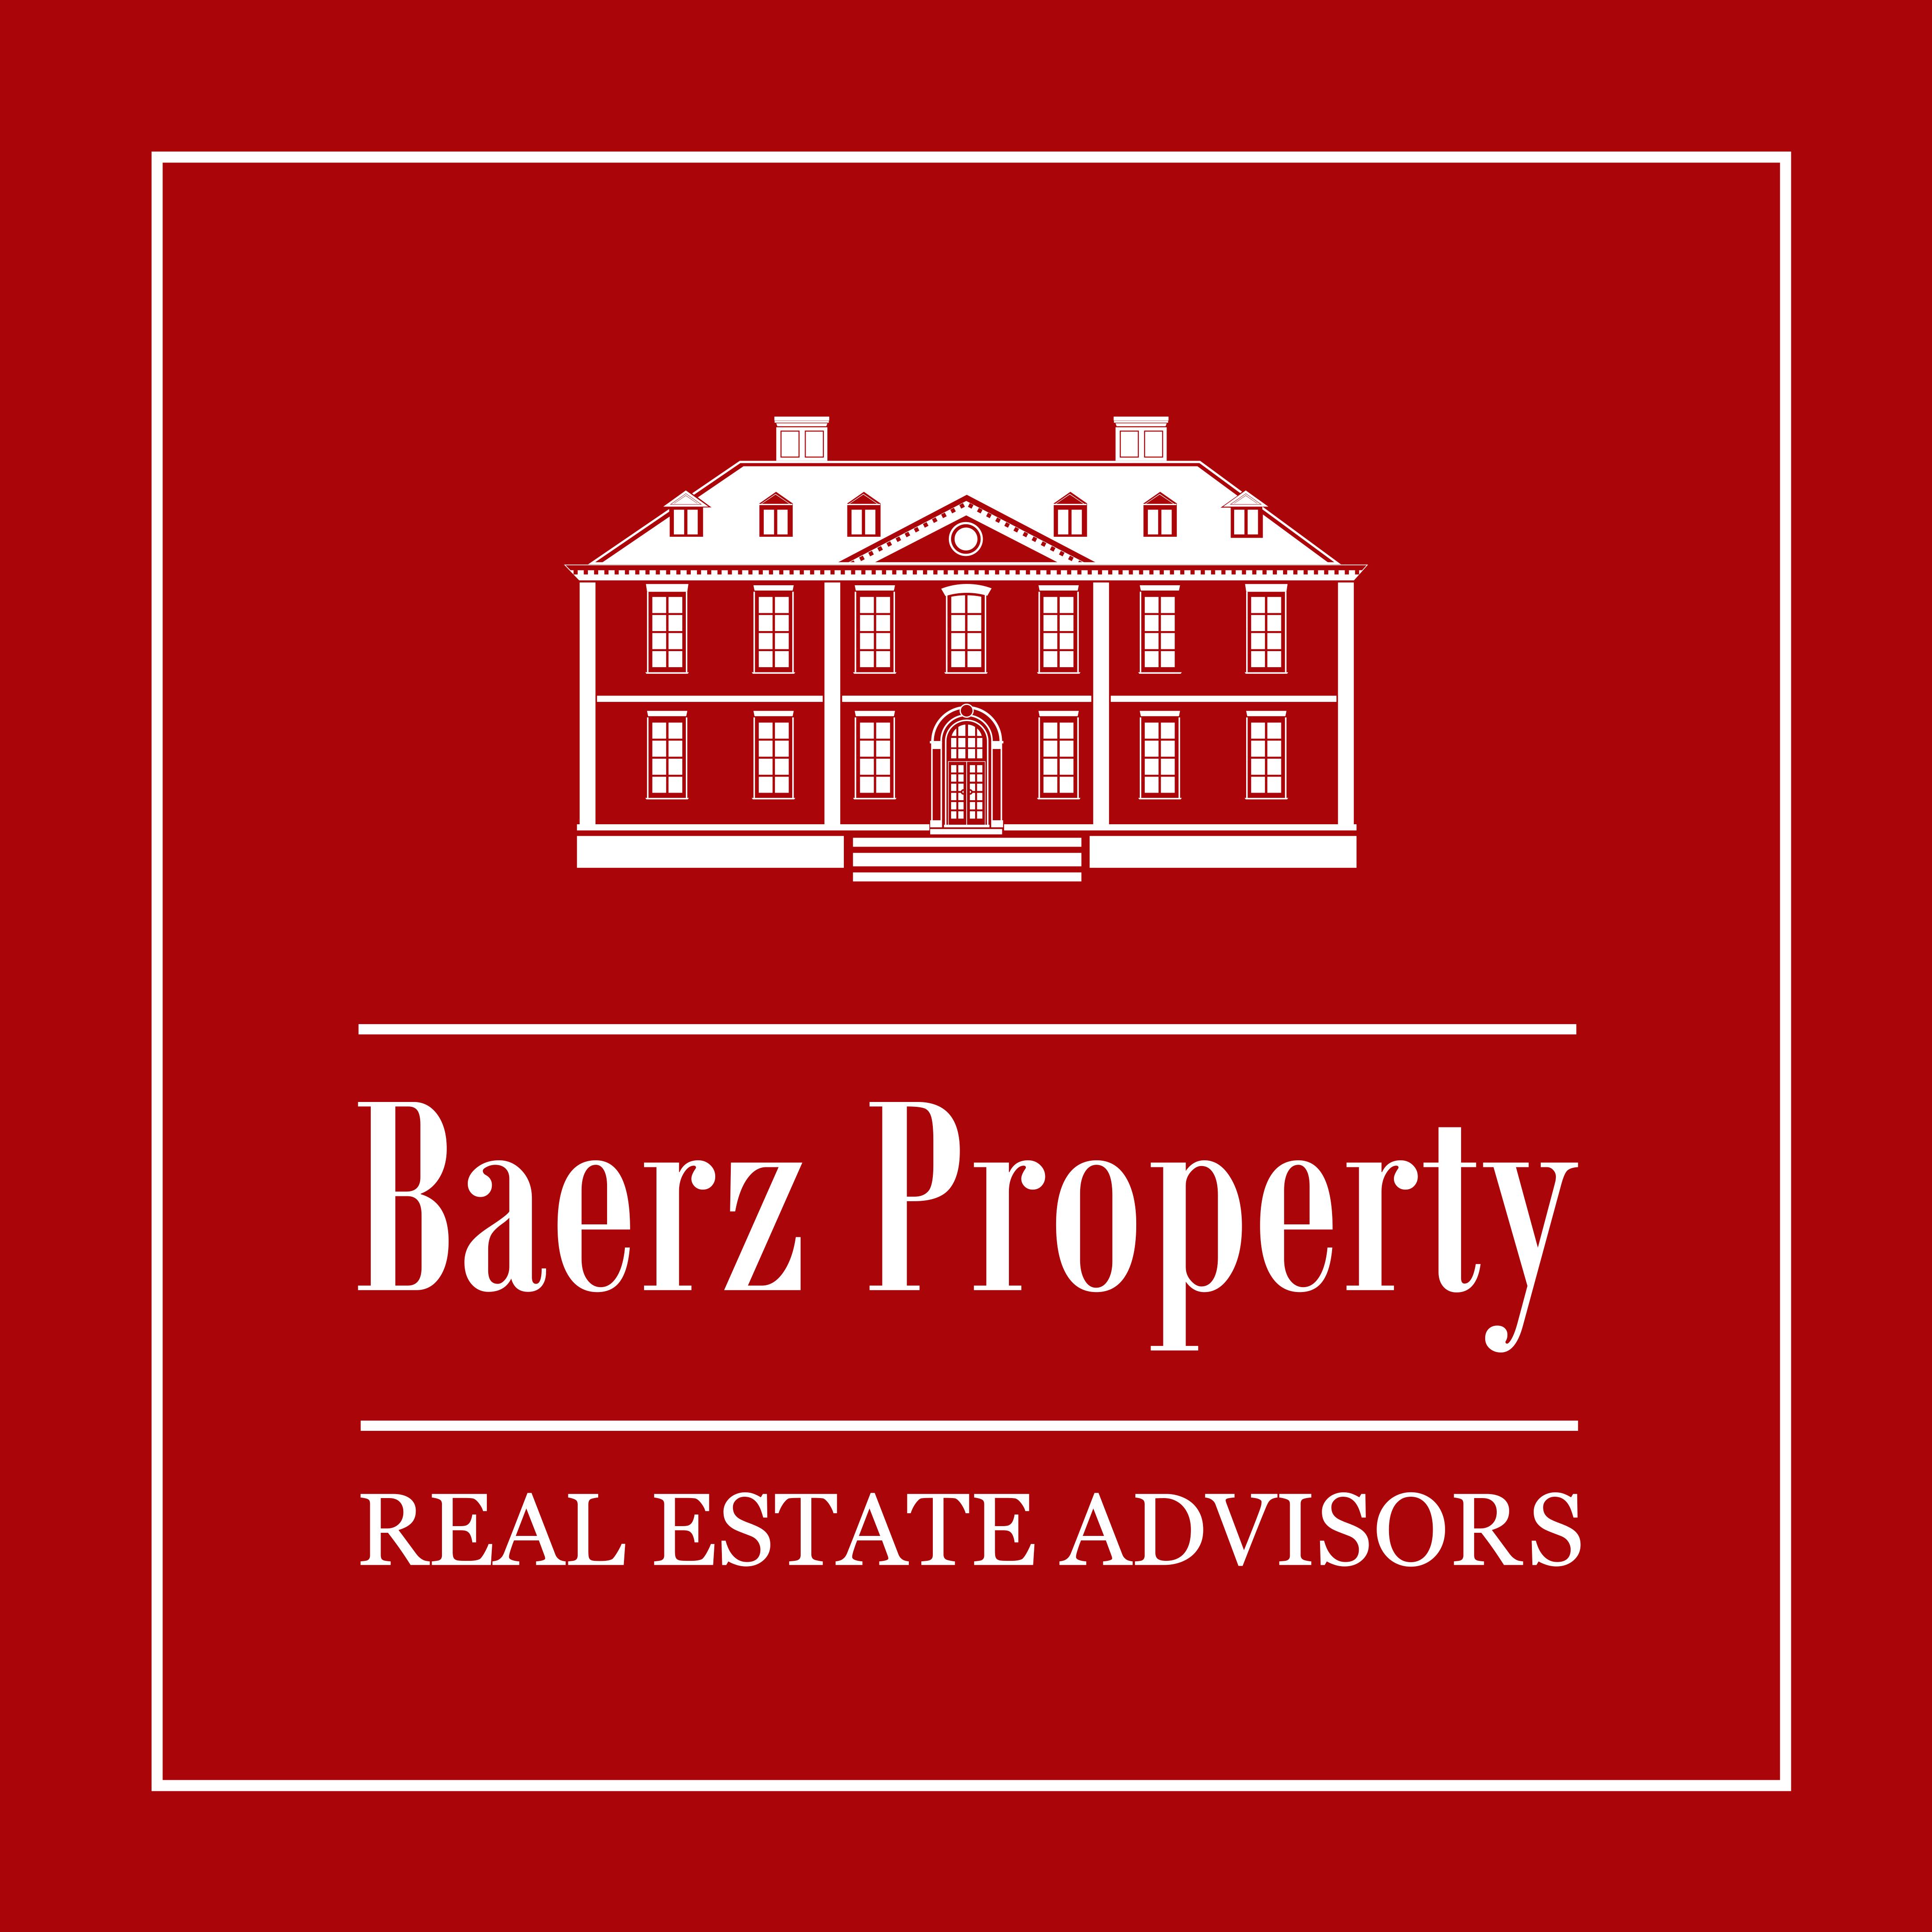 Baerz Property